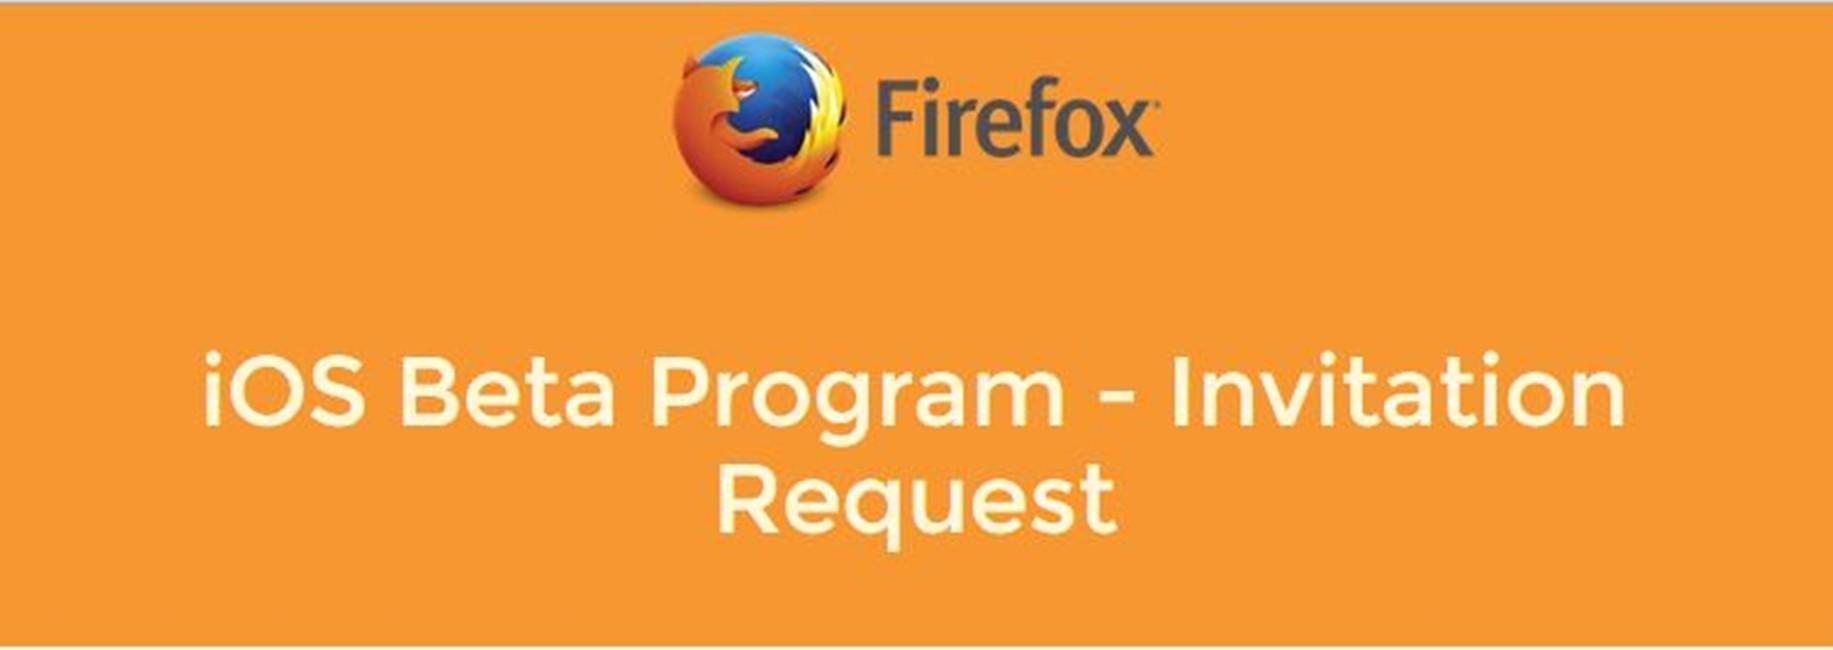 Mozilla beta program